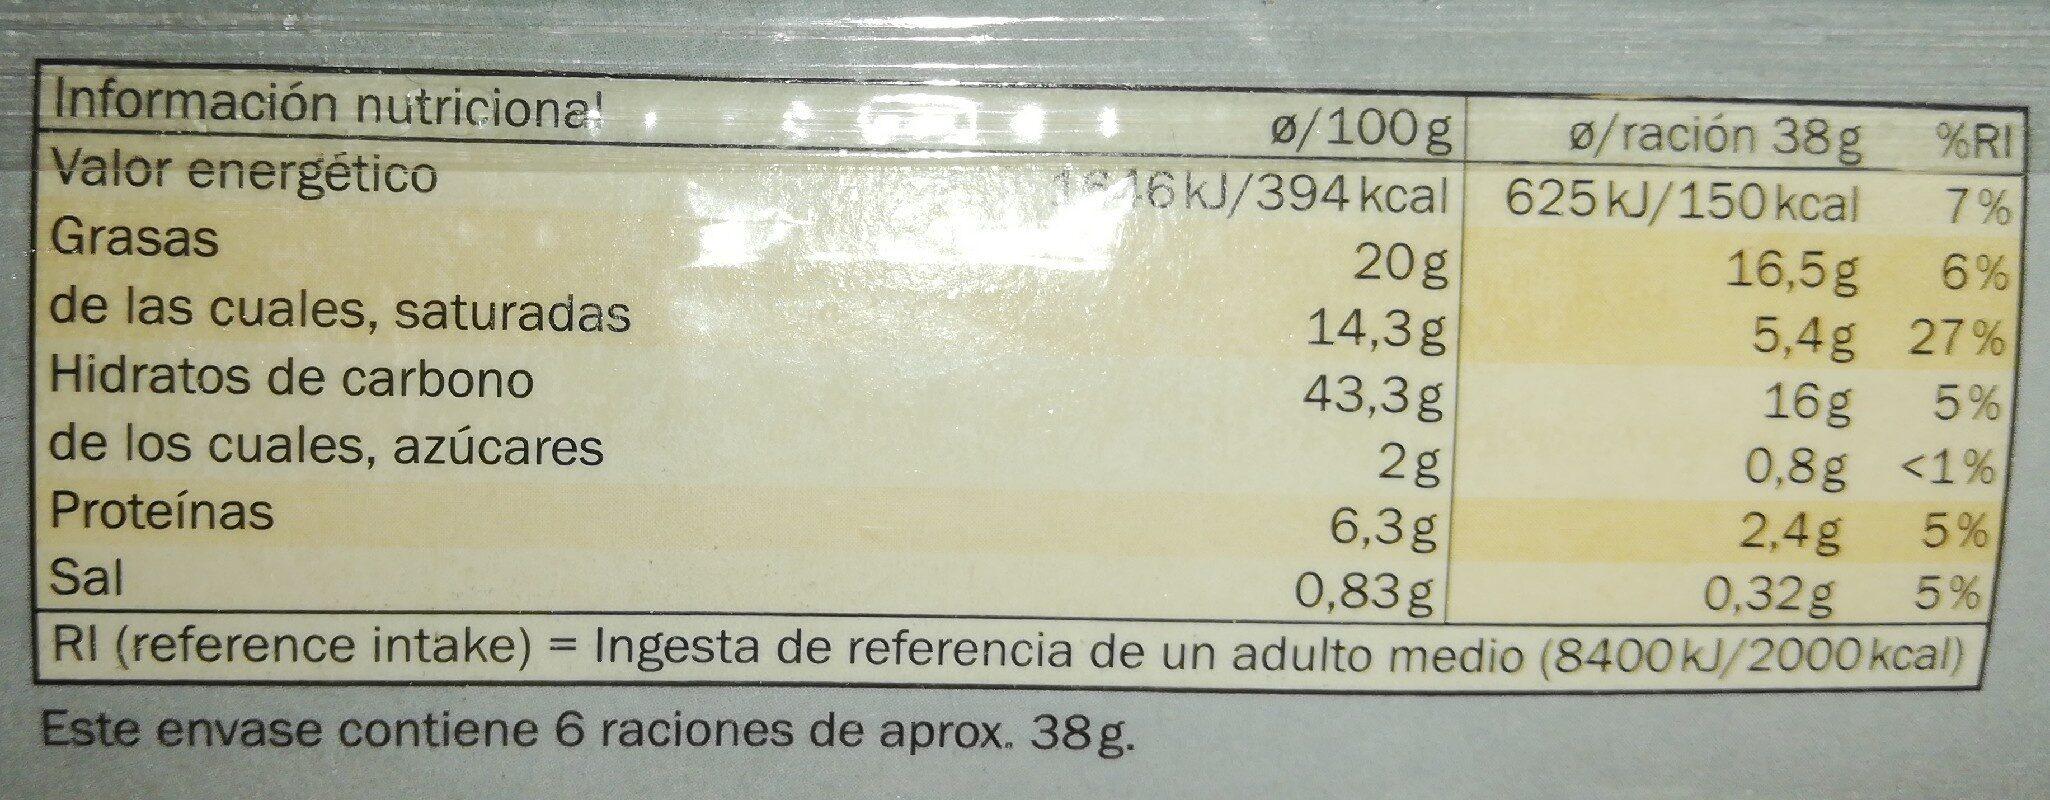 Pâte feuilletée pur beurre - Informations nutritionnelles - fr